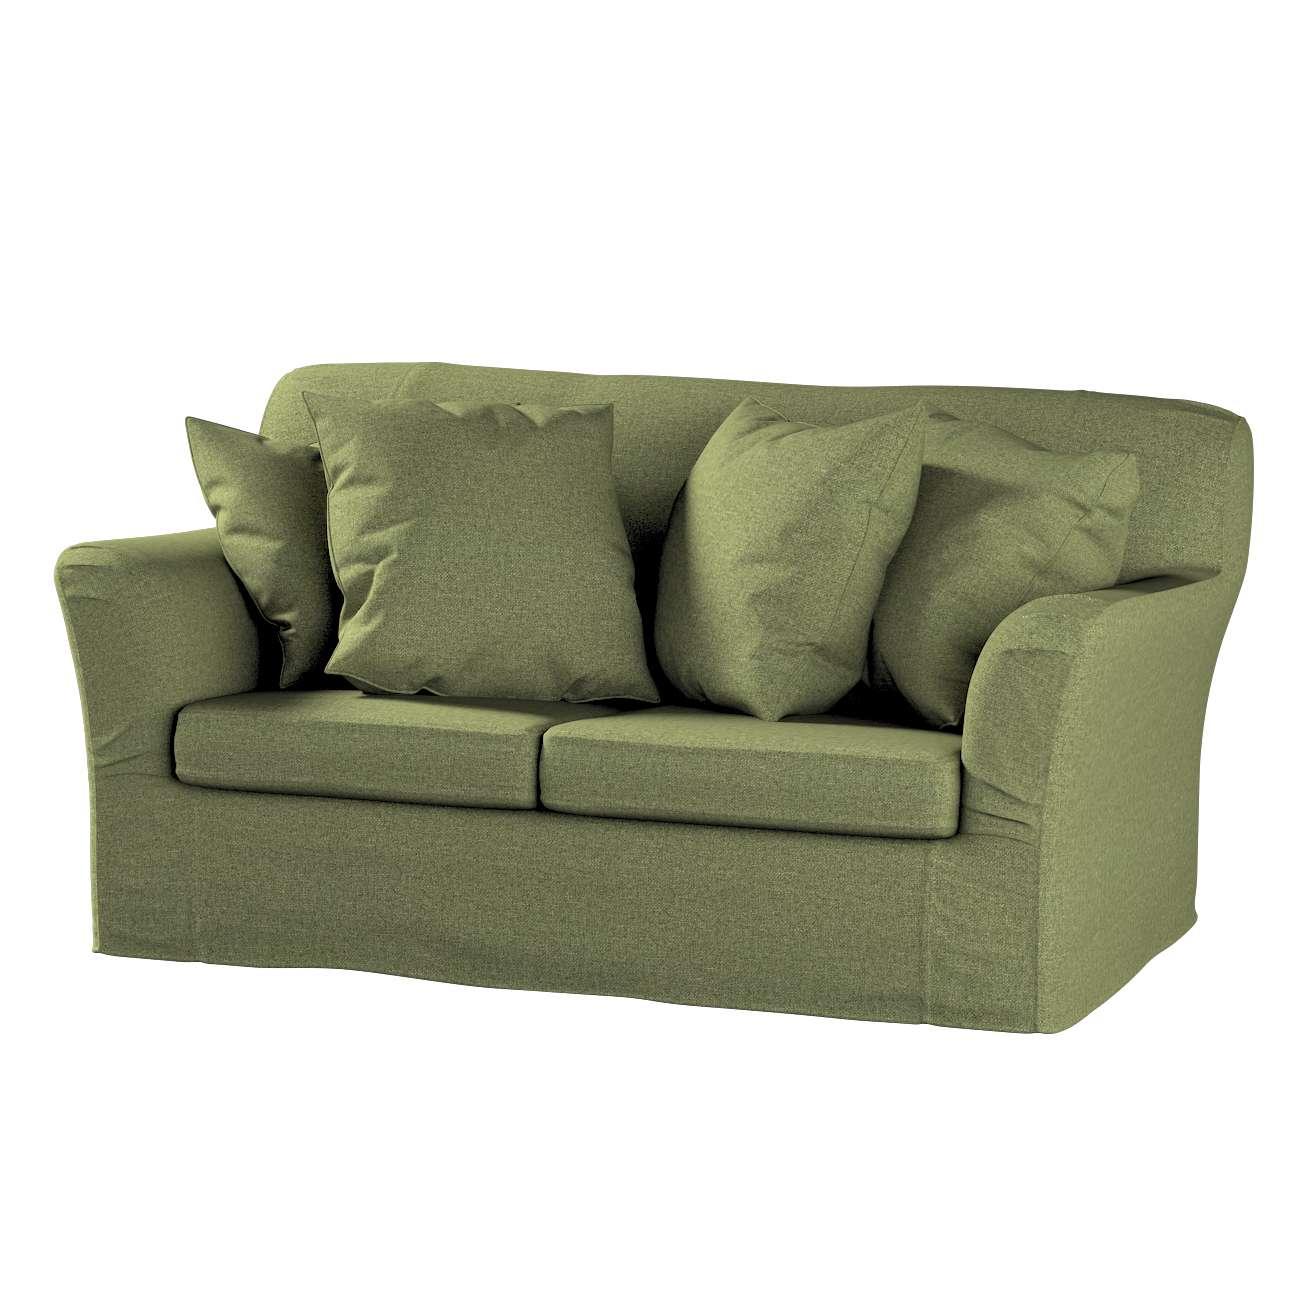 Pokrowiec na sofę Tomelilla 2-osobową nierozkładaną w kolekcji Madrid, tkanina: 161-22